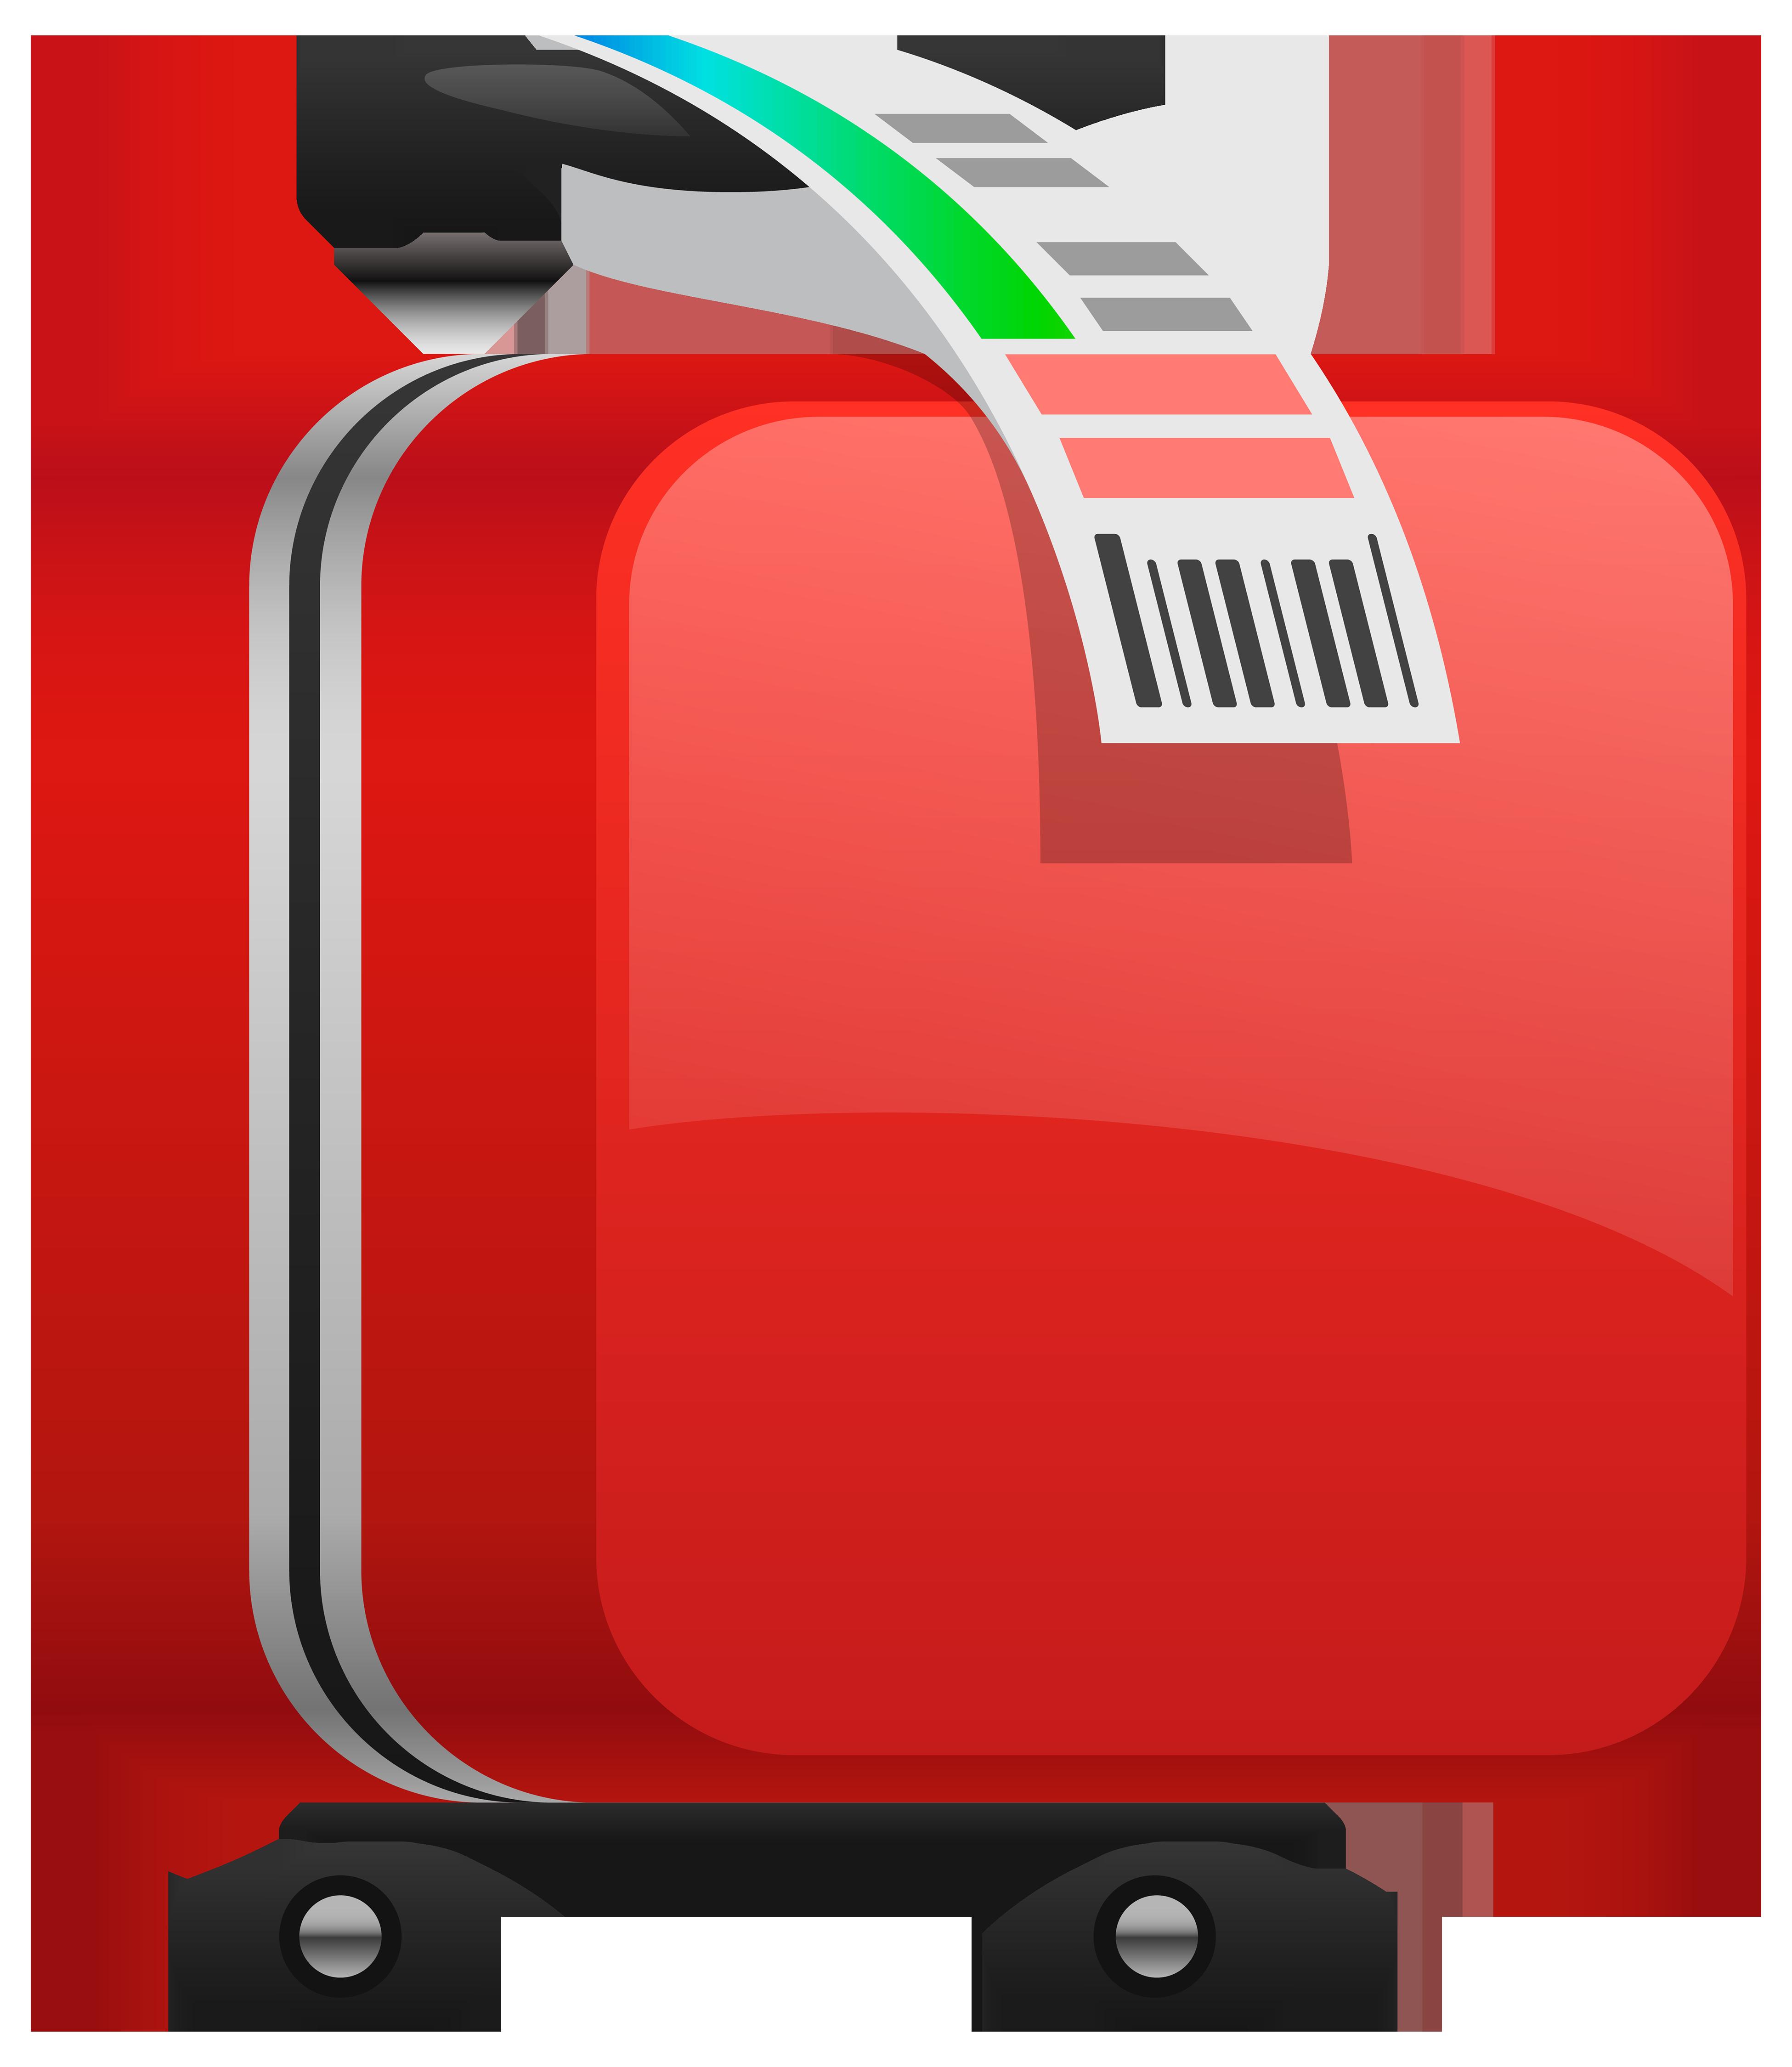 Suitcase Clip Art Transparent Suitcase traveling